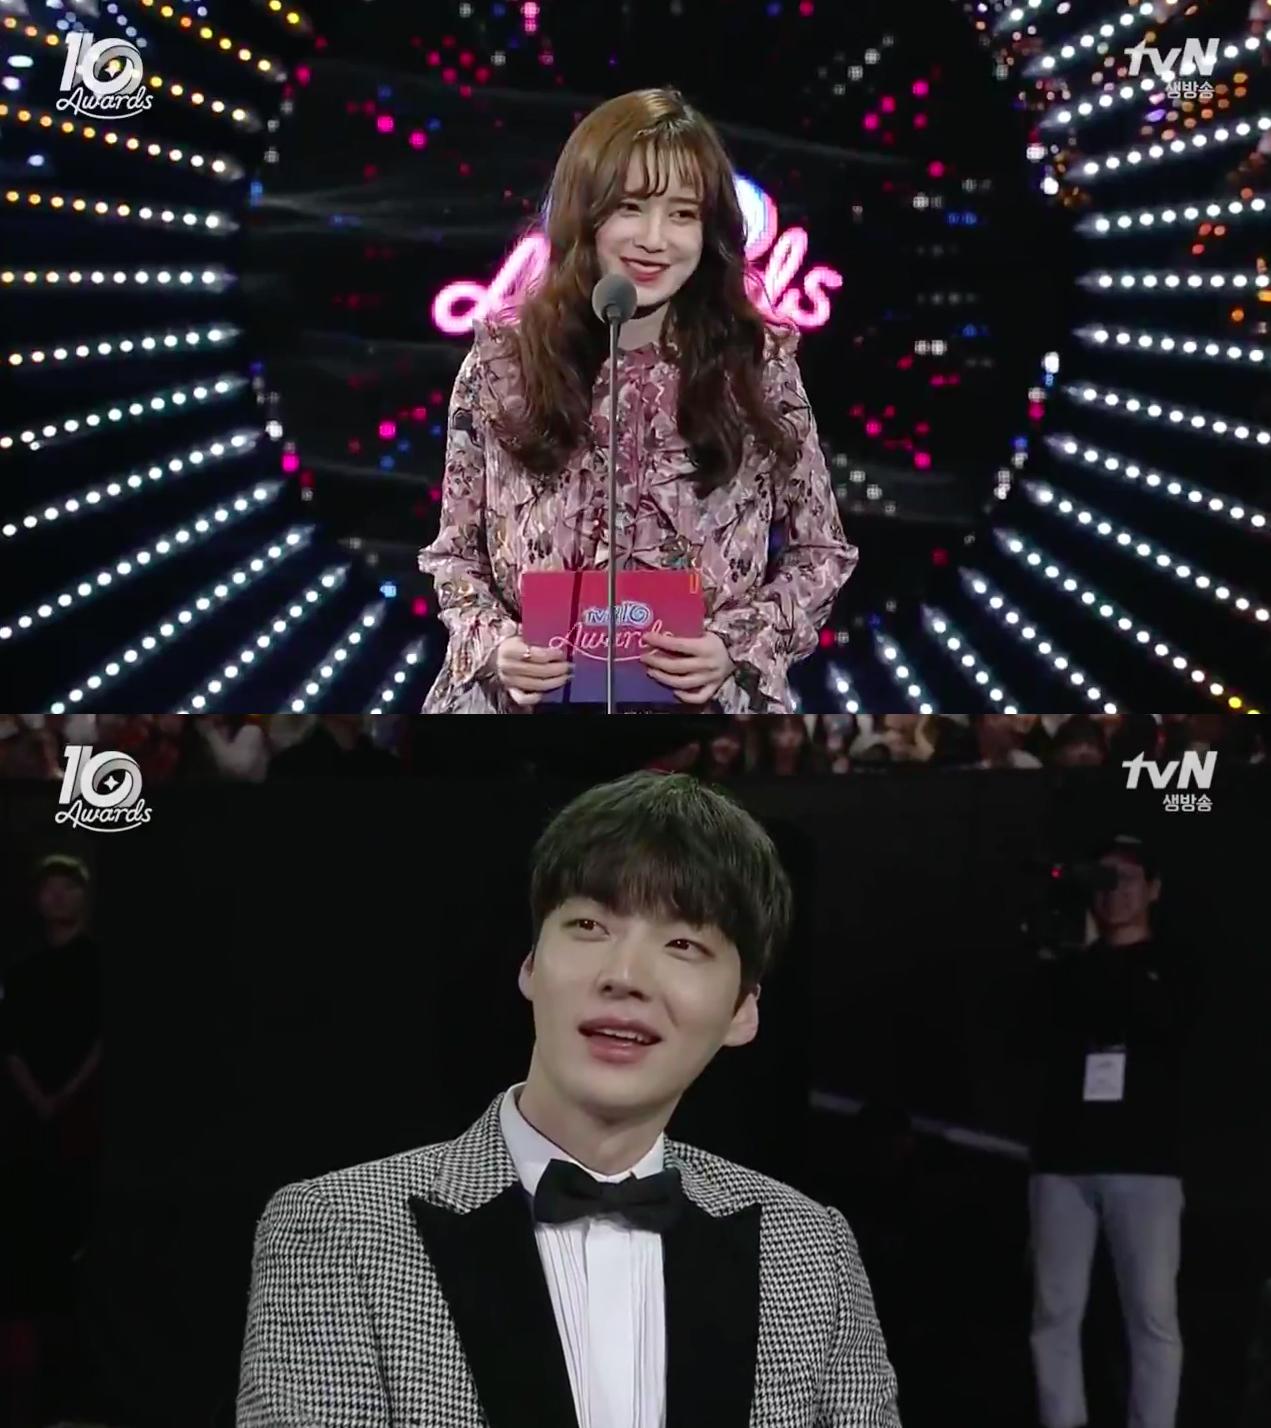 tvN10 awards 2